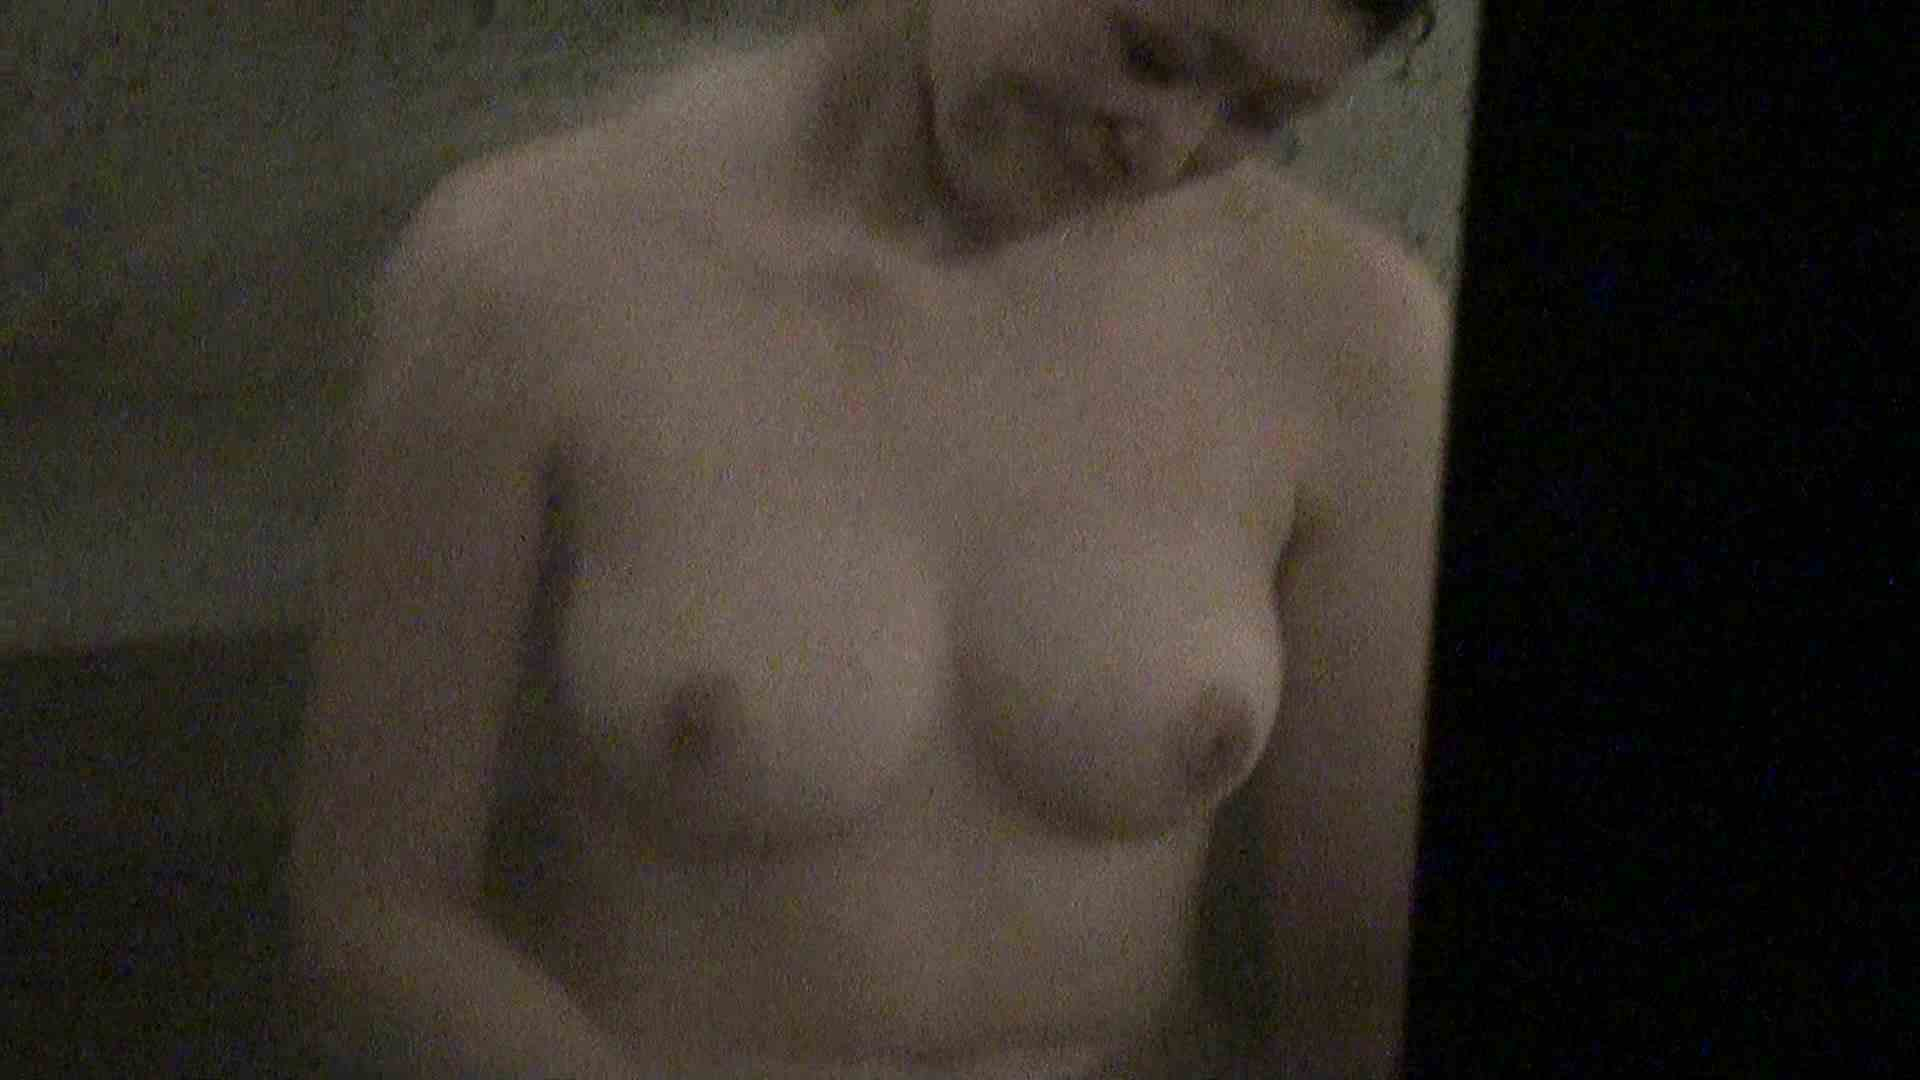 Aquaな露天風呂Vol.365 OL女体   女体盗撮  72連発 40